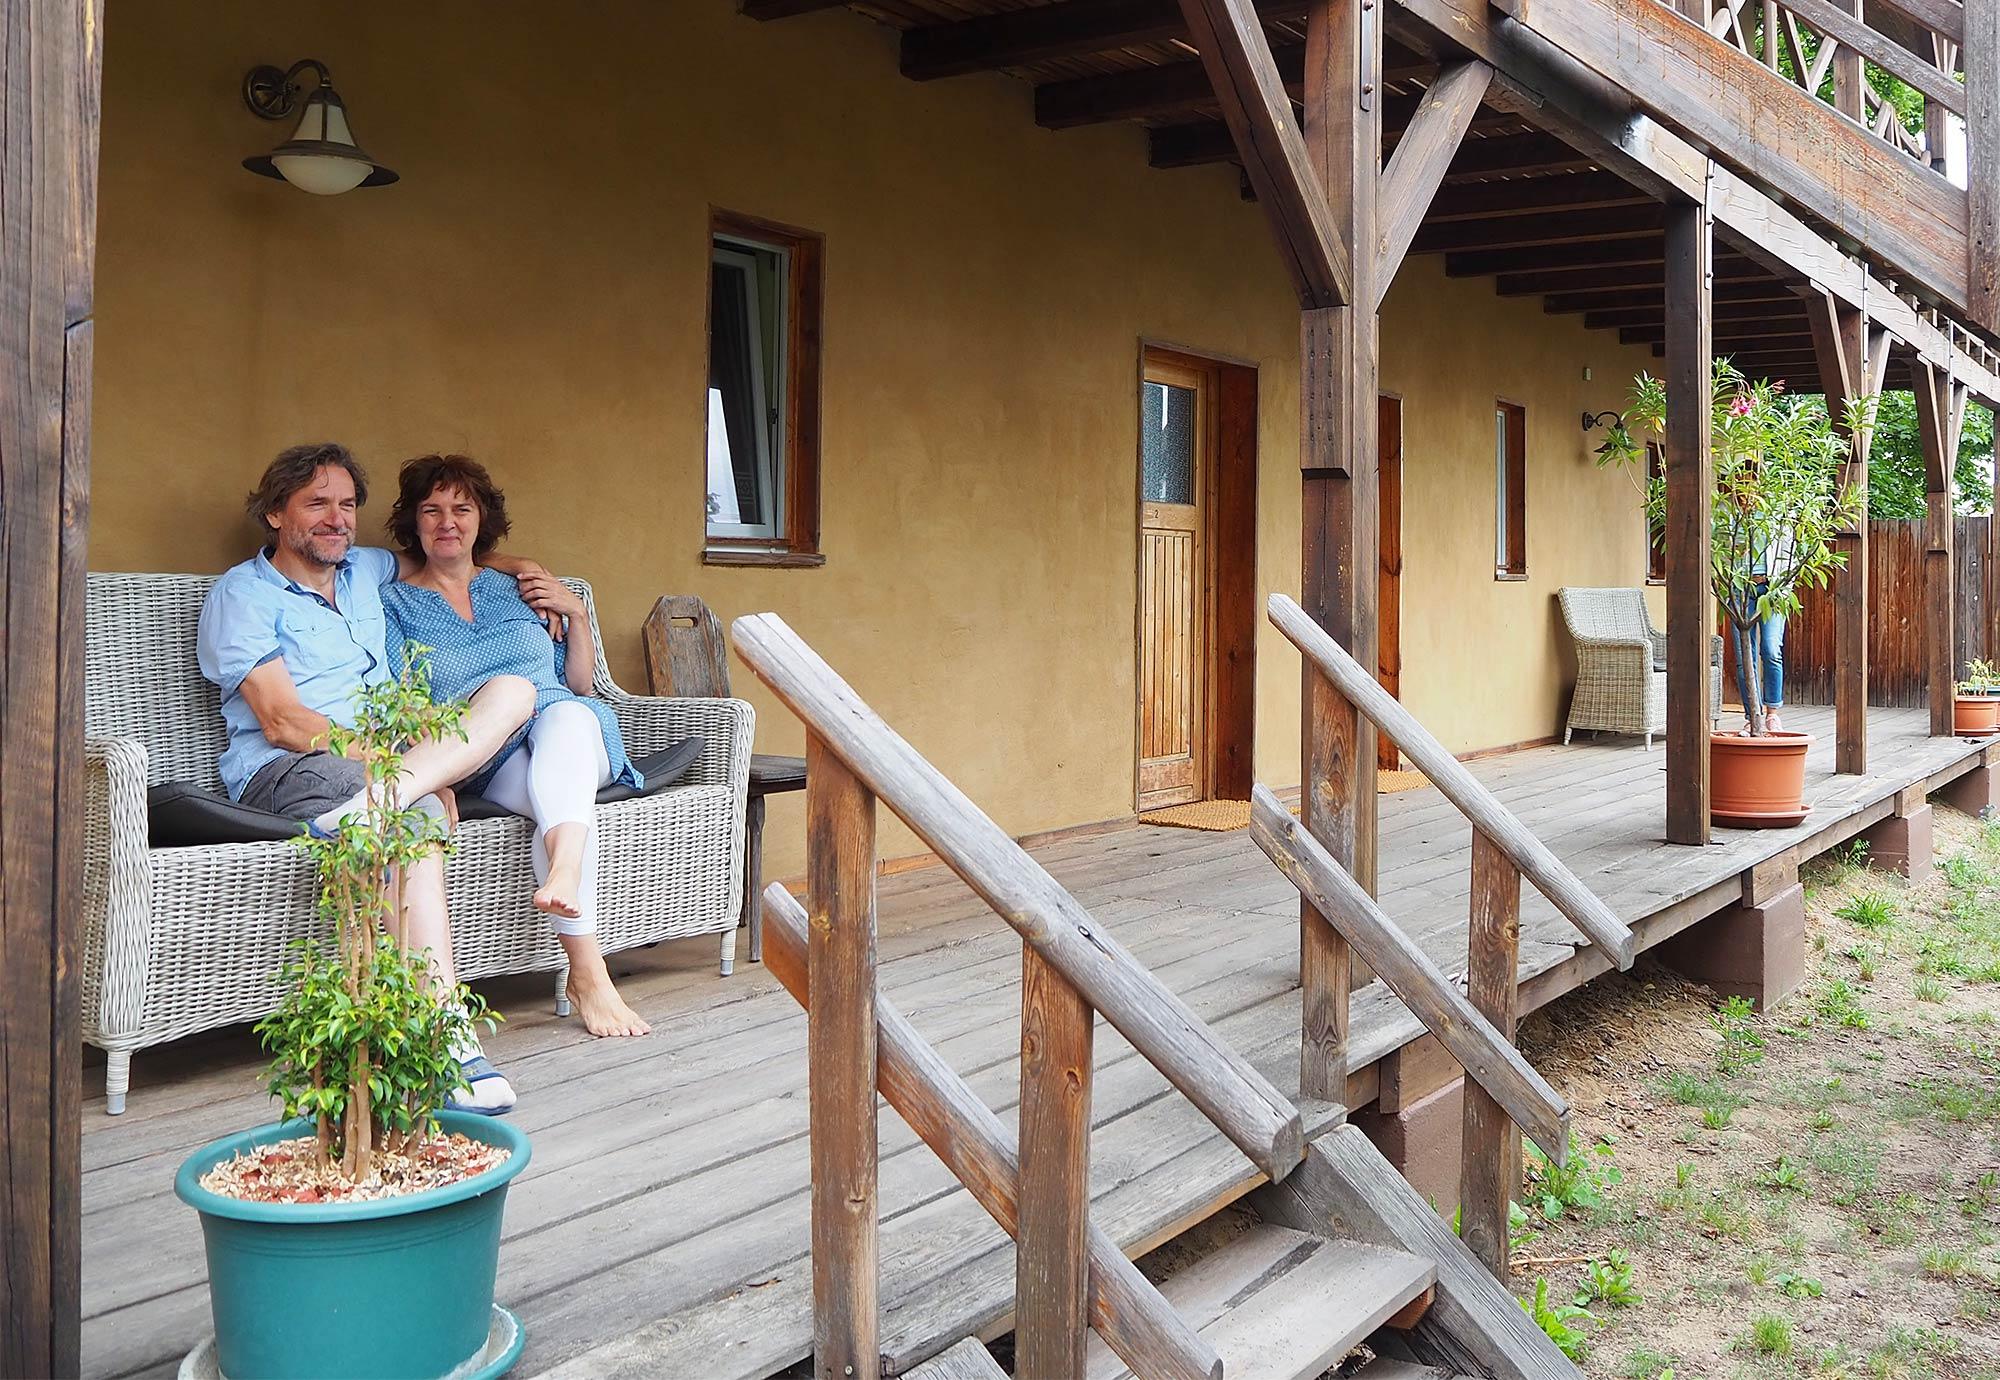 Mona und Andreas, die glücklichen Besitzer der Alten Schule Stegelitz